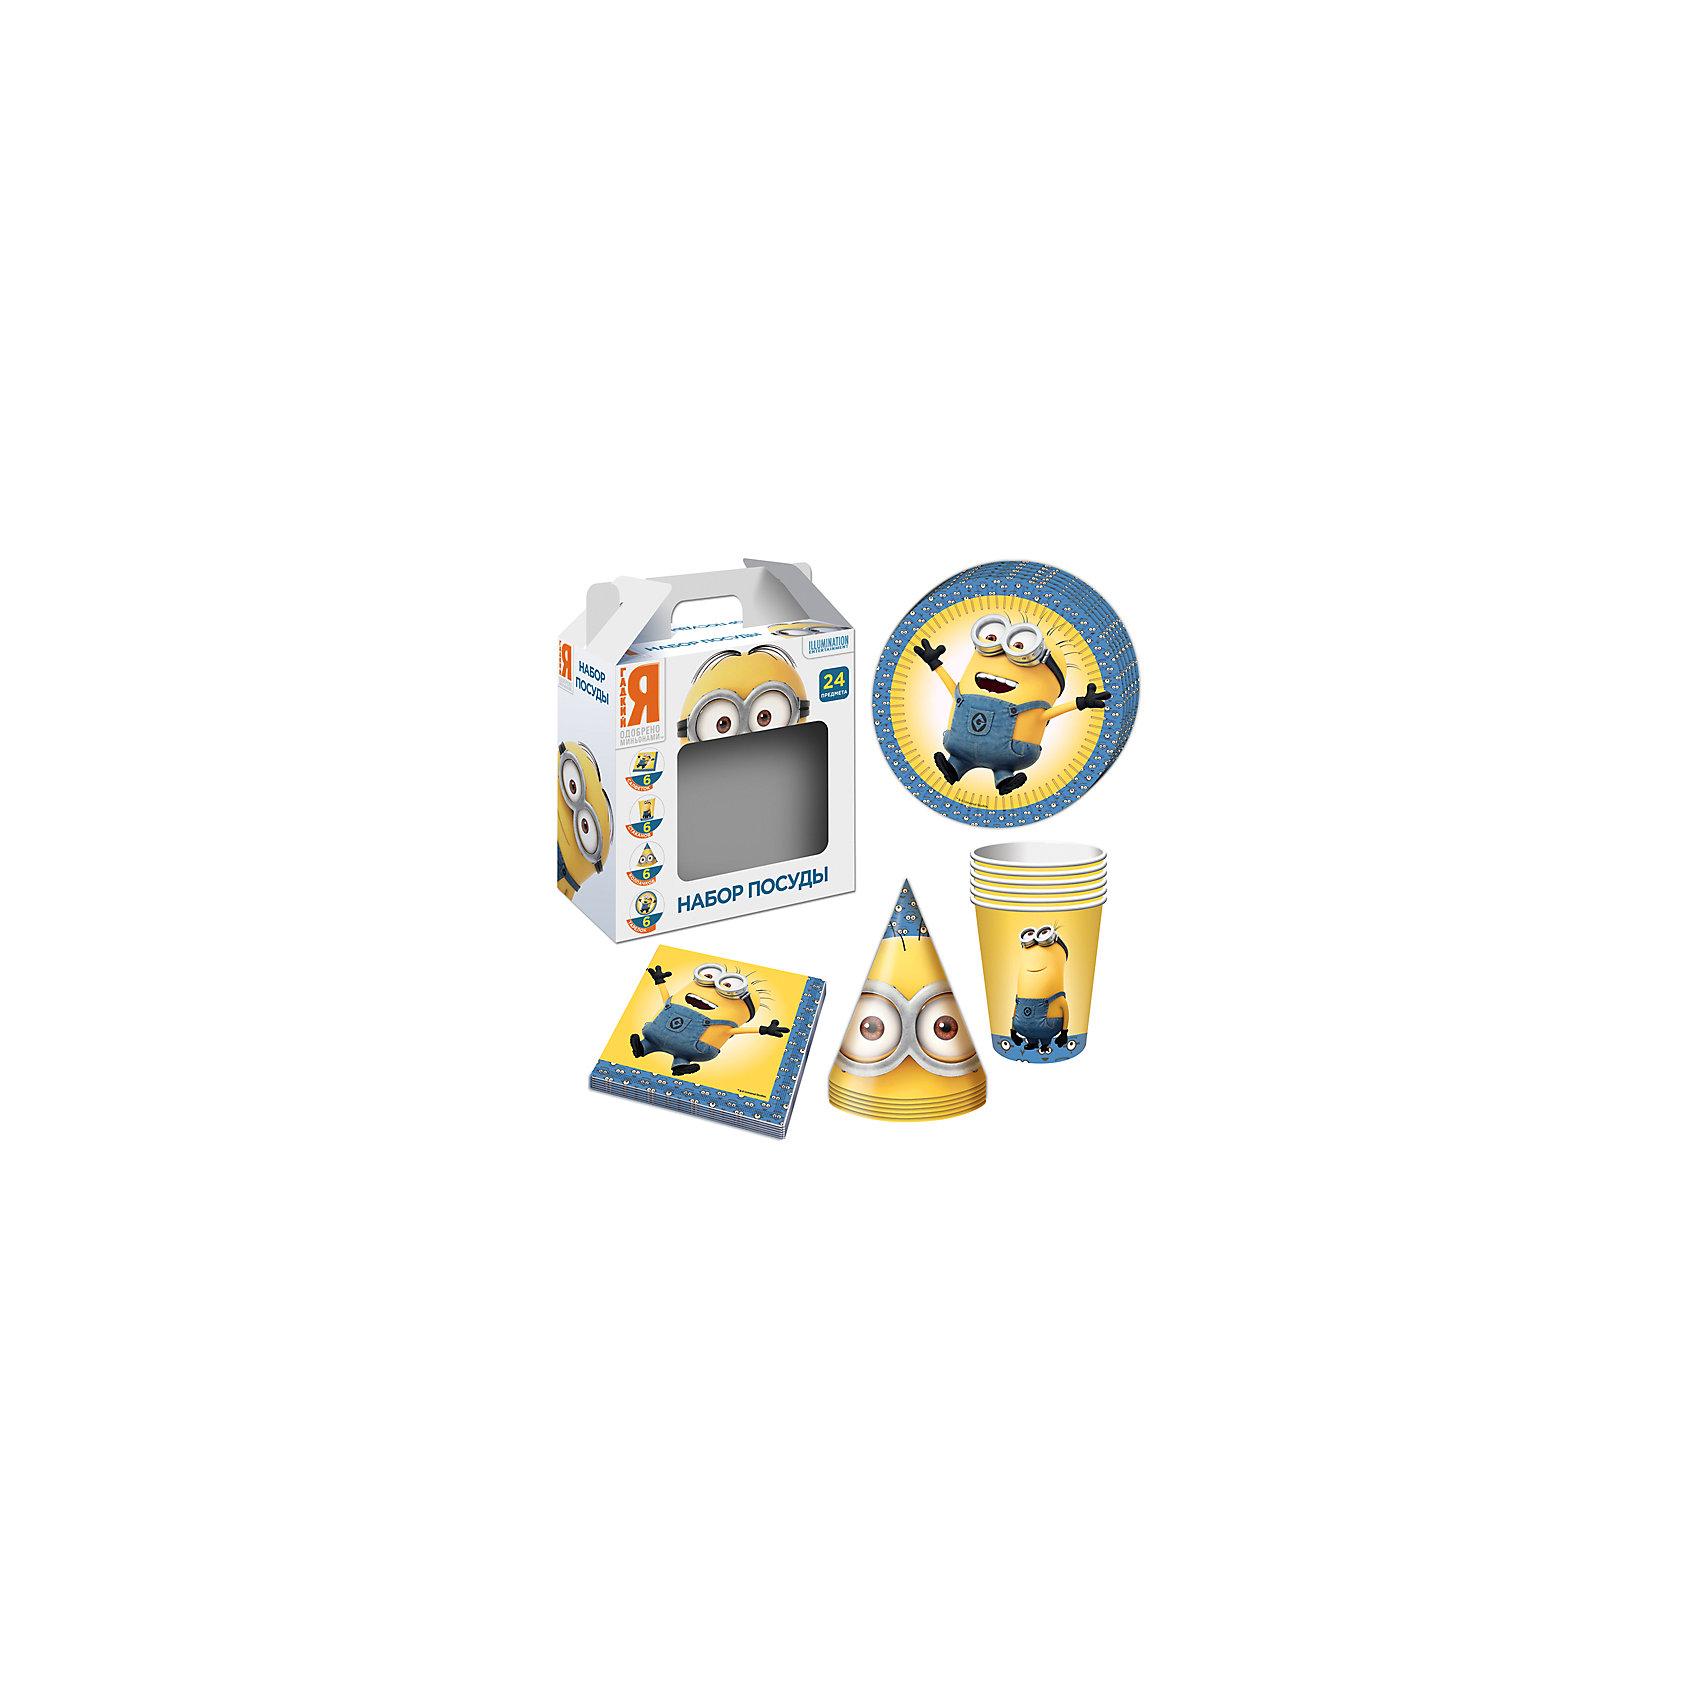 Набор посуды Миньоны (24 предмета)Набор посуды Миньоны (24 предмета) - этот набор замечательно подойдет для детского праздника и поможет красиво сервировать стол.<br>С подарочным набором «Миньоны» детский праздник станет по-настоящему незабываемым! Красочный дизайн с забавными героями мультфильма «Гадкий Я» поднимет настроение всем: и детям, и даже взрослым. Колпачки помогут организовать множество увлекательных игр. А красивая посуда и салфетки ярко украсят стол и принесут практическую пользу: одноразовые тарелки и стаканы почти невесомы, не могут разбиться, их не надо мыть. Сделанная из бумаги, такая посуда абсолютно безопасна и, благодаря специальному покрытию, прекрасно удерживает еду и напитки.<br><br>Дополнительная информация:<br><br>- В наборе 24 предмета на 6 персон: 6 тарелок диаметром 18 см, 6 стаканов объемом 210 мл, 6 бумажных колпачков на резинках, 6 бумажных салфеток<br>- Материал: бумага<br>- Упаковка: красочная подарочная коробка<br>- Размер упаковки: 190 х 240 х 85 мм.<br>- Вес: 300 гр.<br><br>Набор посуды Миньоны (24 предмета) можно купить в нашем интернет-магазине.<br><br>Ширина мм: 190<br>Глубина мм: 240<br>Высота мм: 85<br>Вес г: 300<br>Возраст от месяцев: 36<br>Возраст до месяцев: 120<br>Пол: Унисекс<br>Возраст: Детский<br>SKU: 4278306